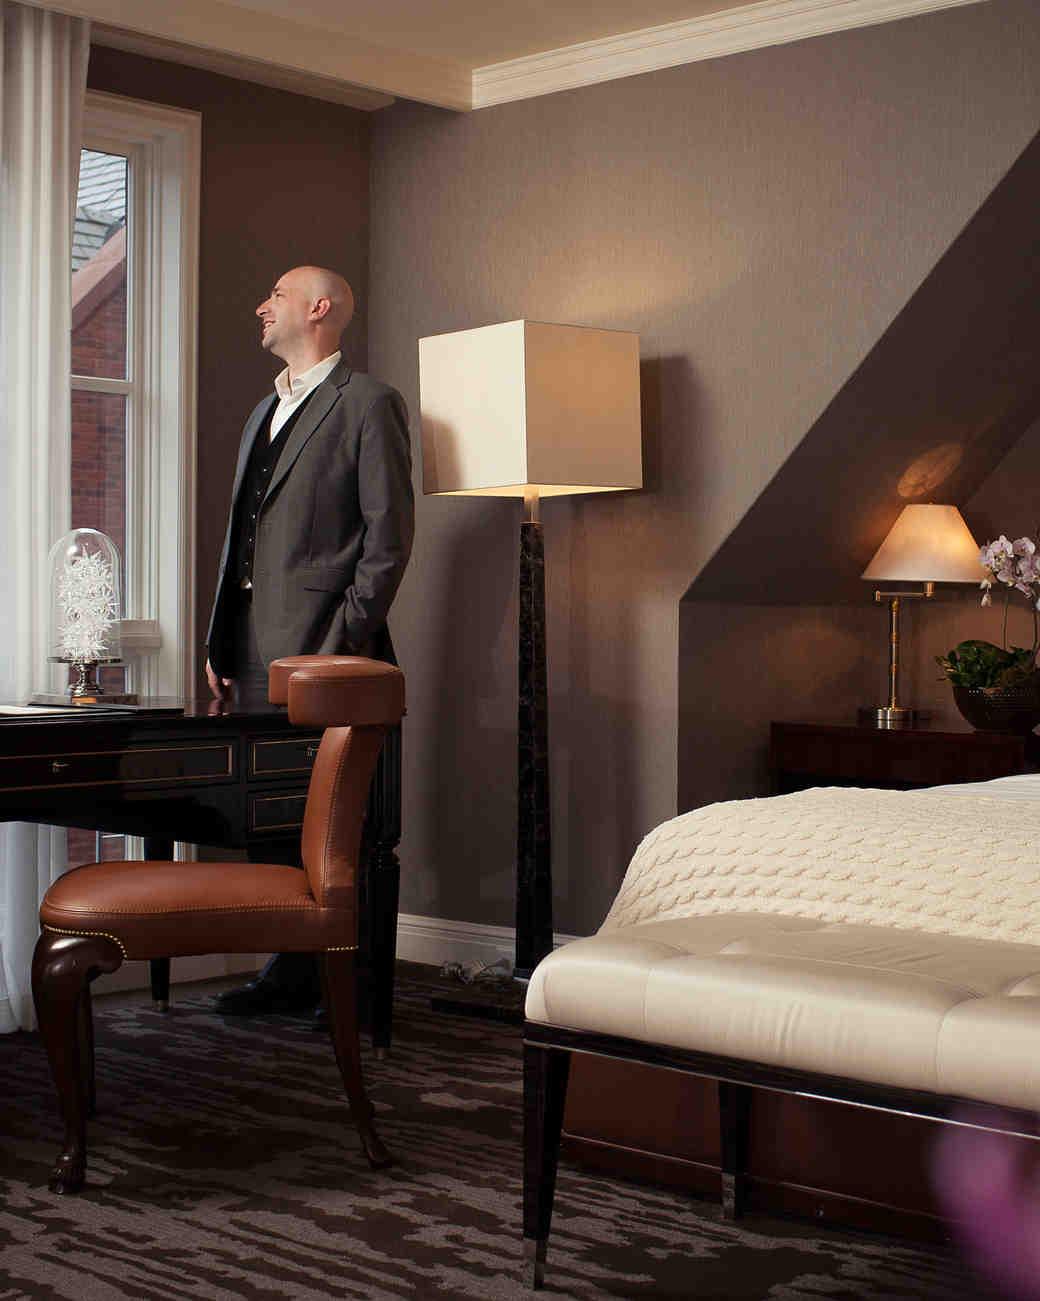 hotel-amenity-mother-of-bride-butler-st-regis-aspen-resort-0915.jpg